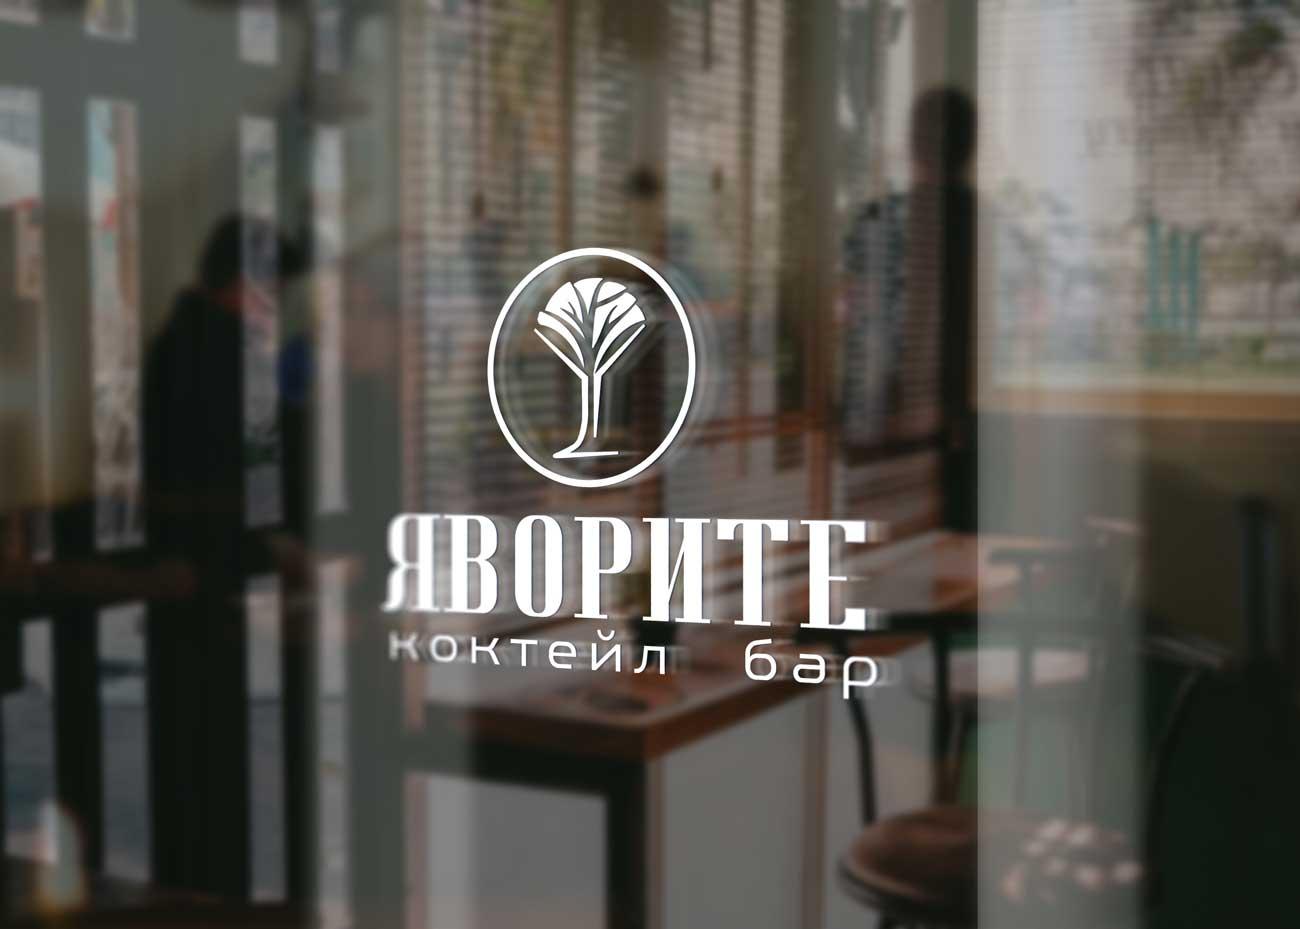 Изработка на рекламно лого за коктейл бар - Яворите